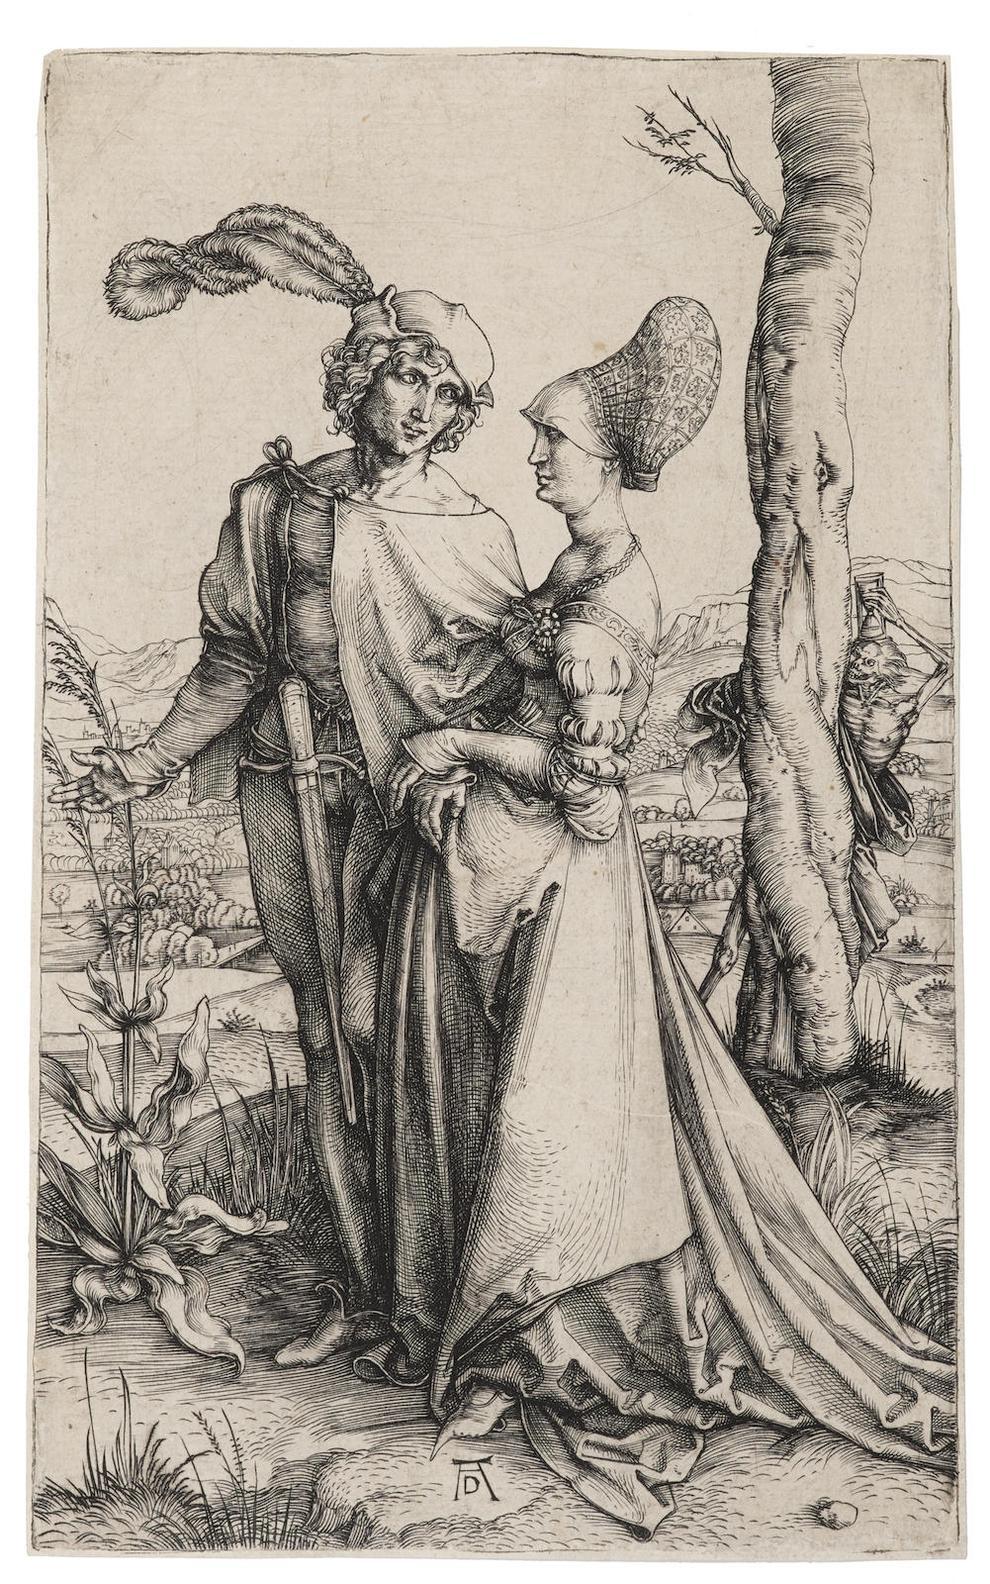 Albrecht Durer-The Promenade (B. 94; M., Holl. 83; S.M.S. 19)-1498